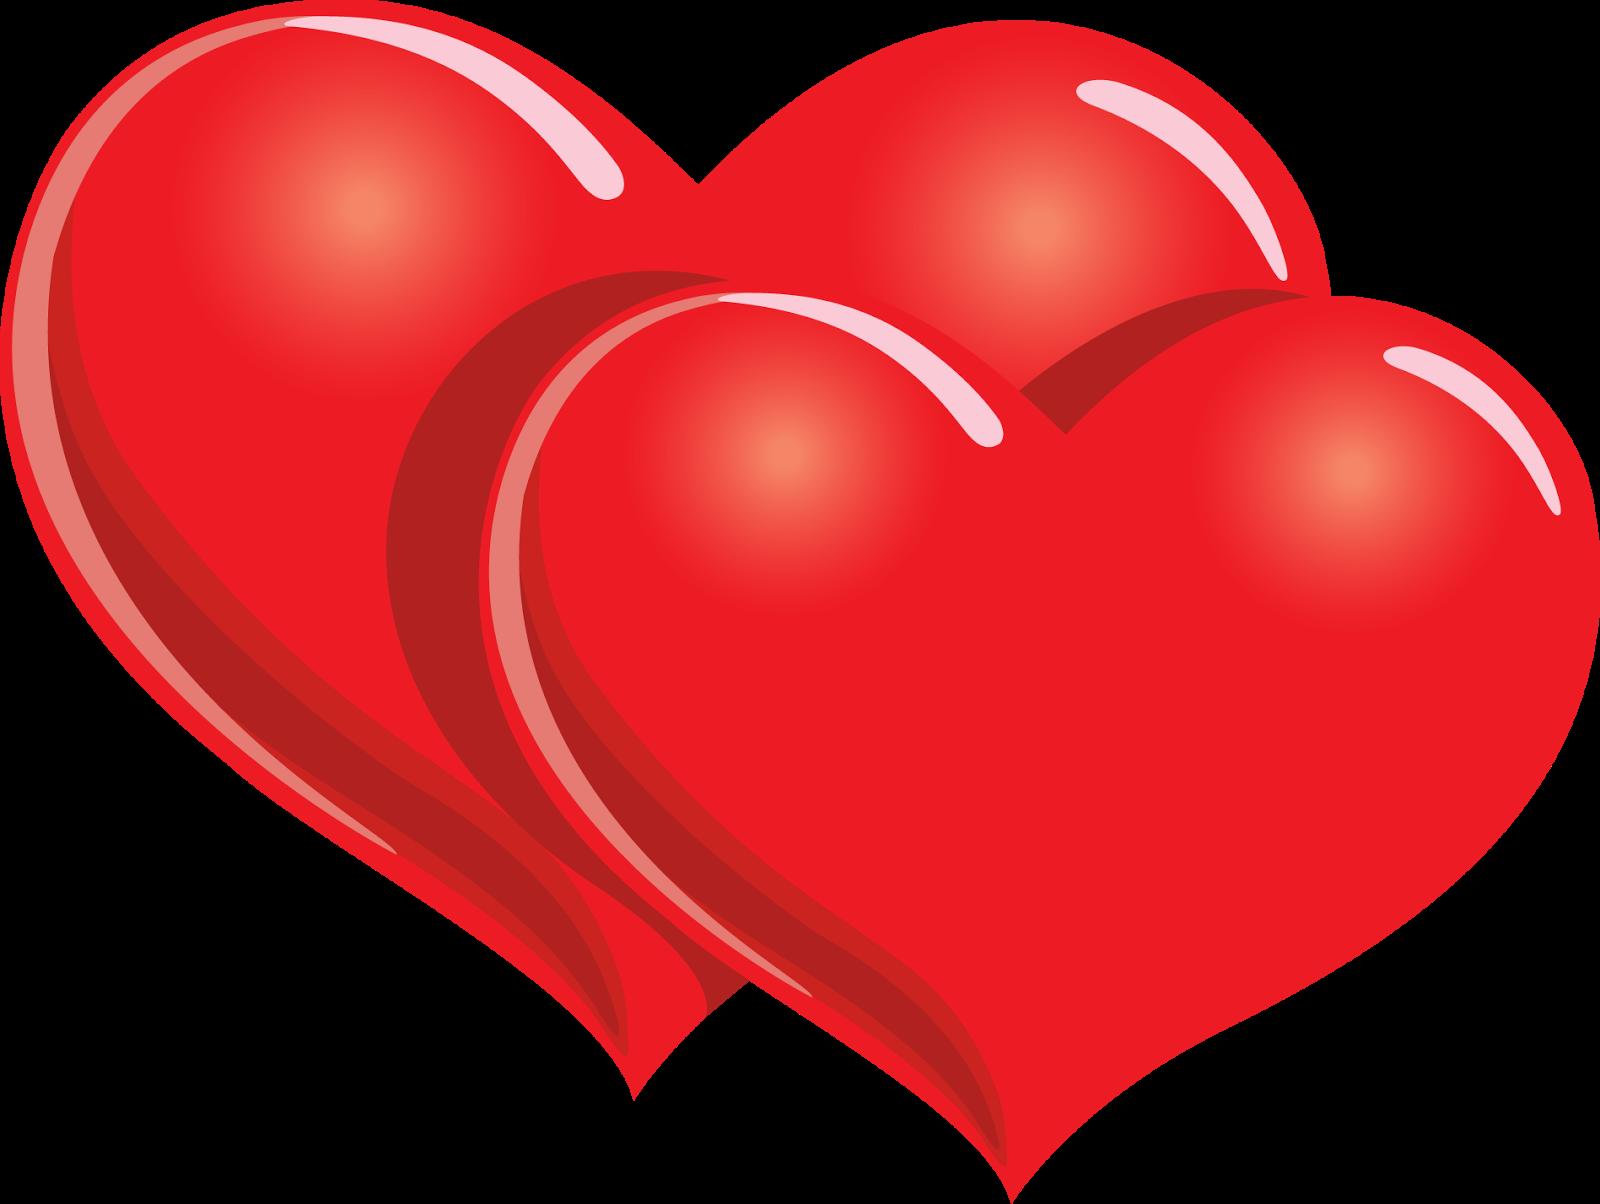 PNG HD Hearts - 124748